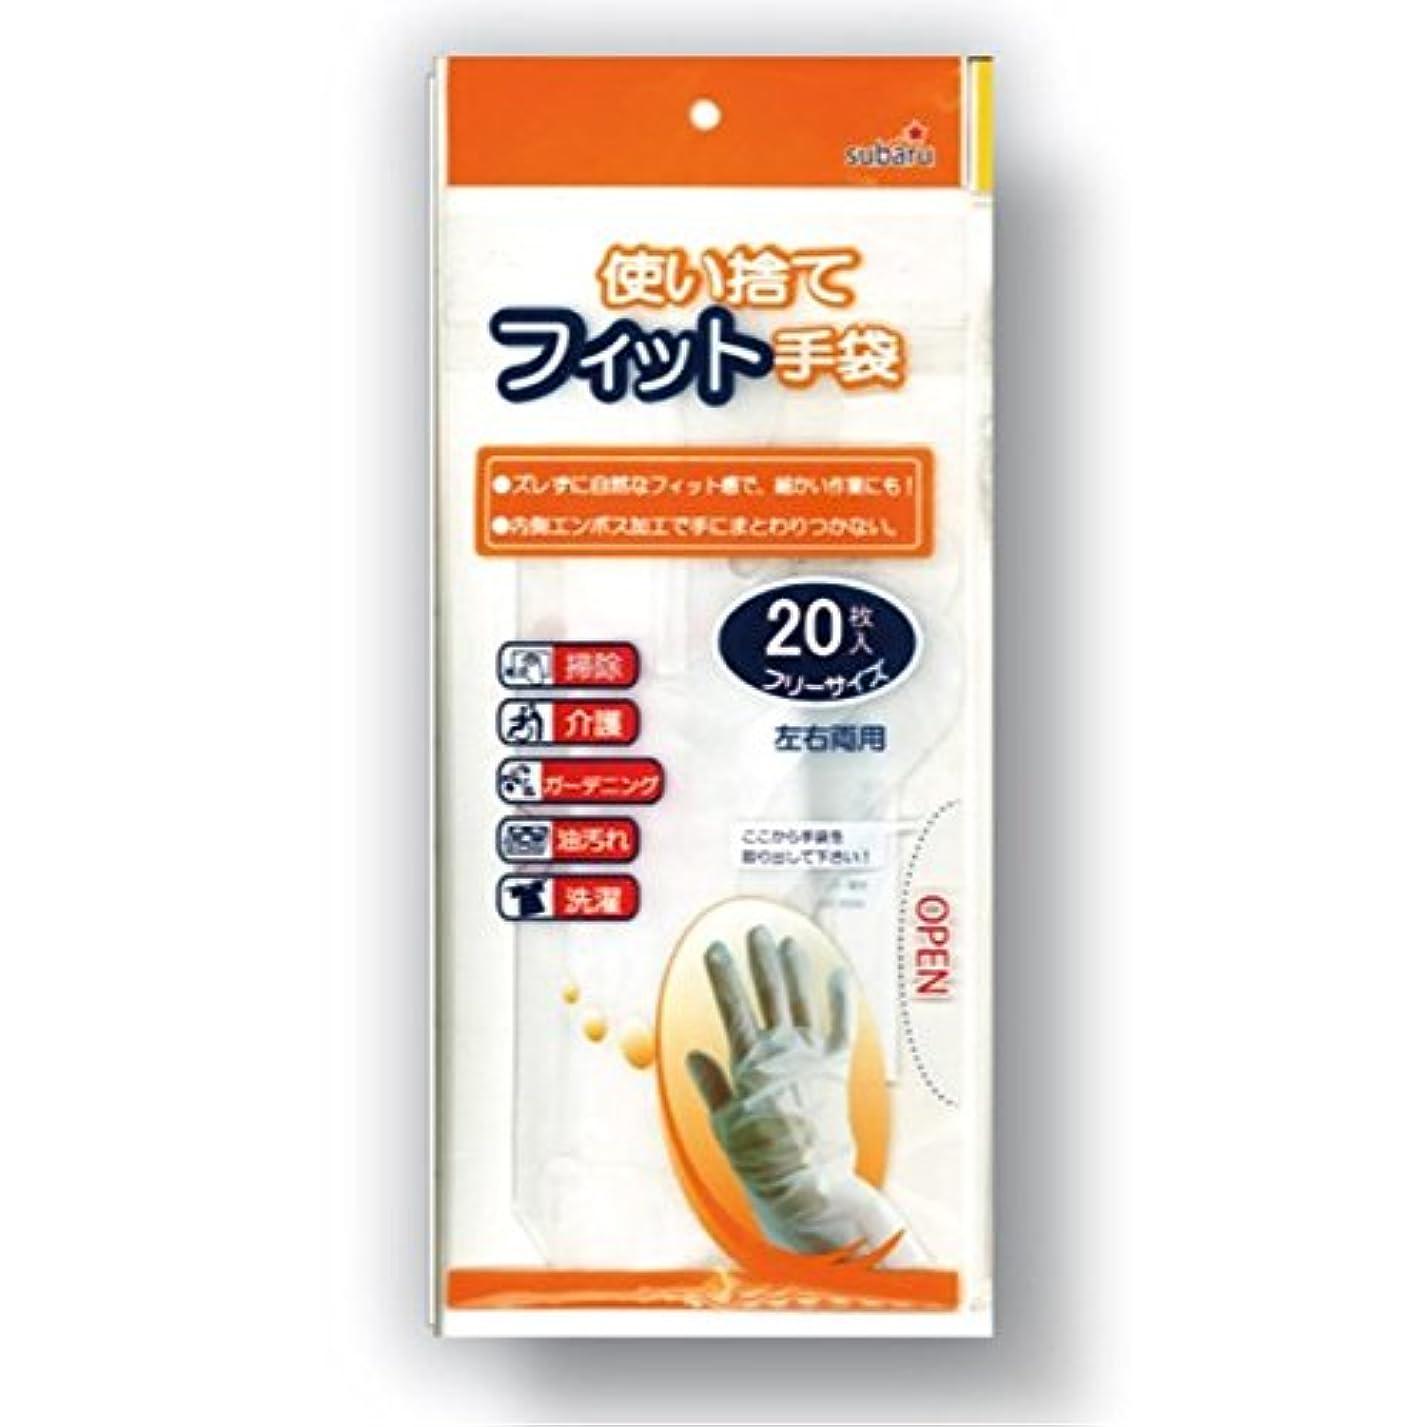 降下万一に備えてペースト使い捨てフィット手袋フリーサイズ20枚入[12個セット] 227-19